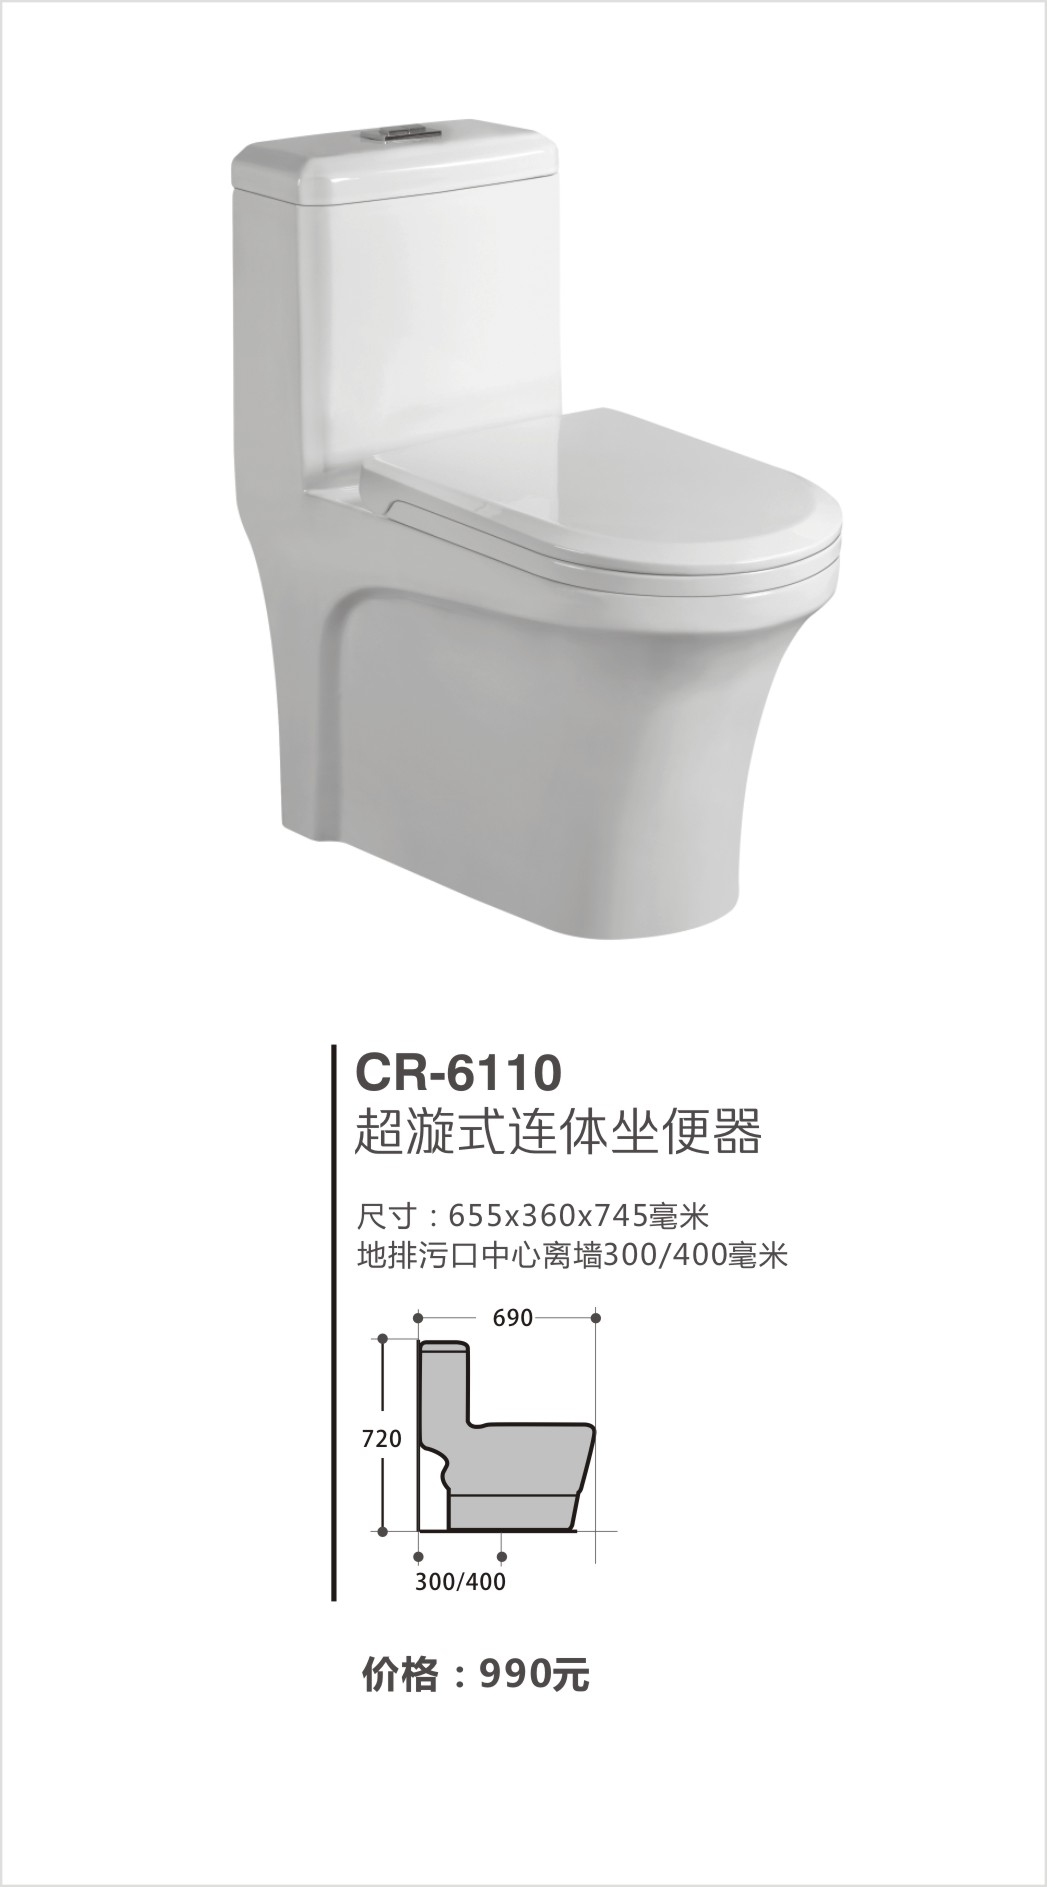 超人(chaoren)卫浴系列坐便器CR-6110